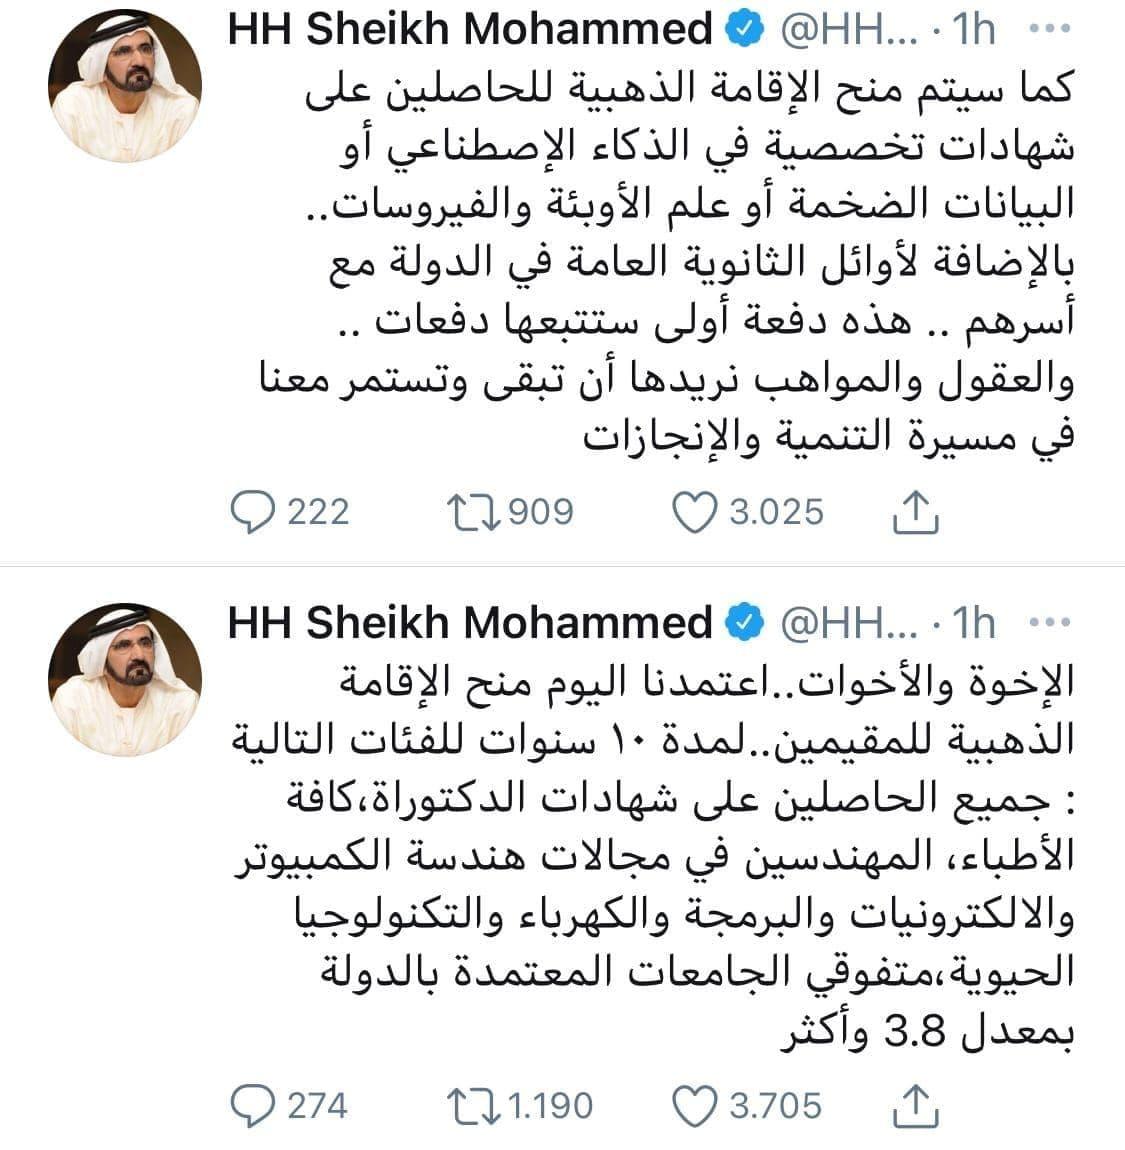 دارندگان مدرک دکترا و متخصصان دانشگاهی مشمول «ویزای طلایی» امارات شدند